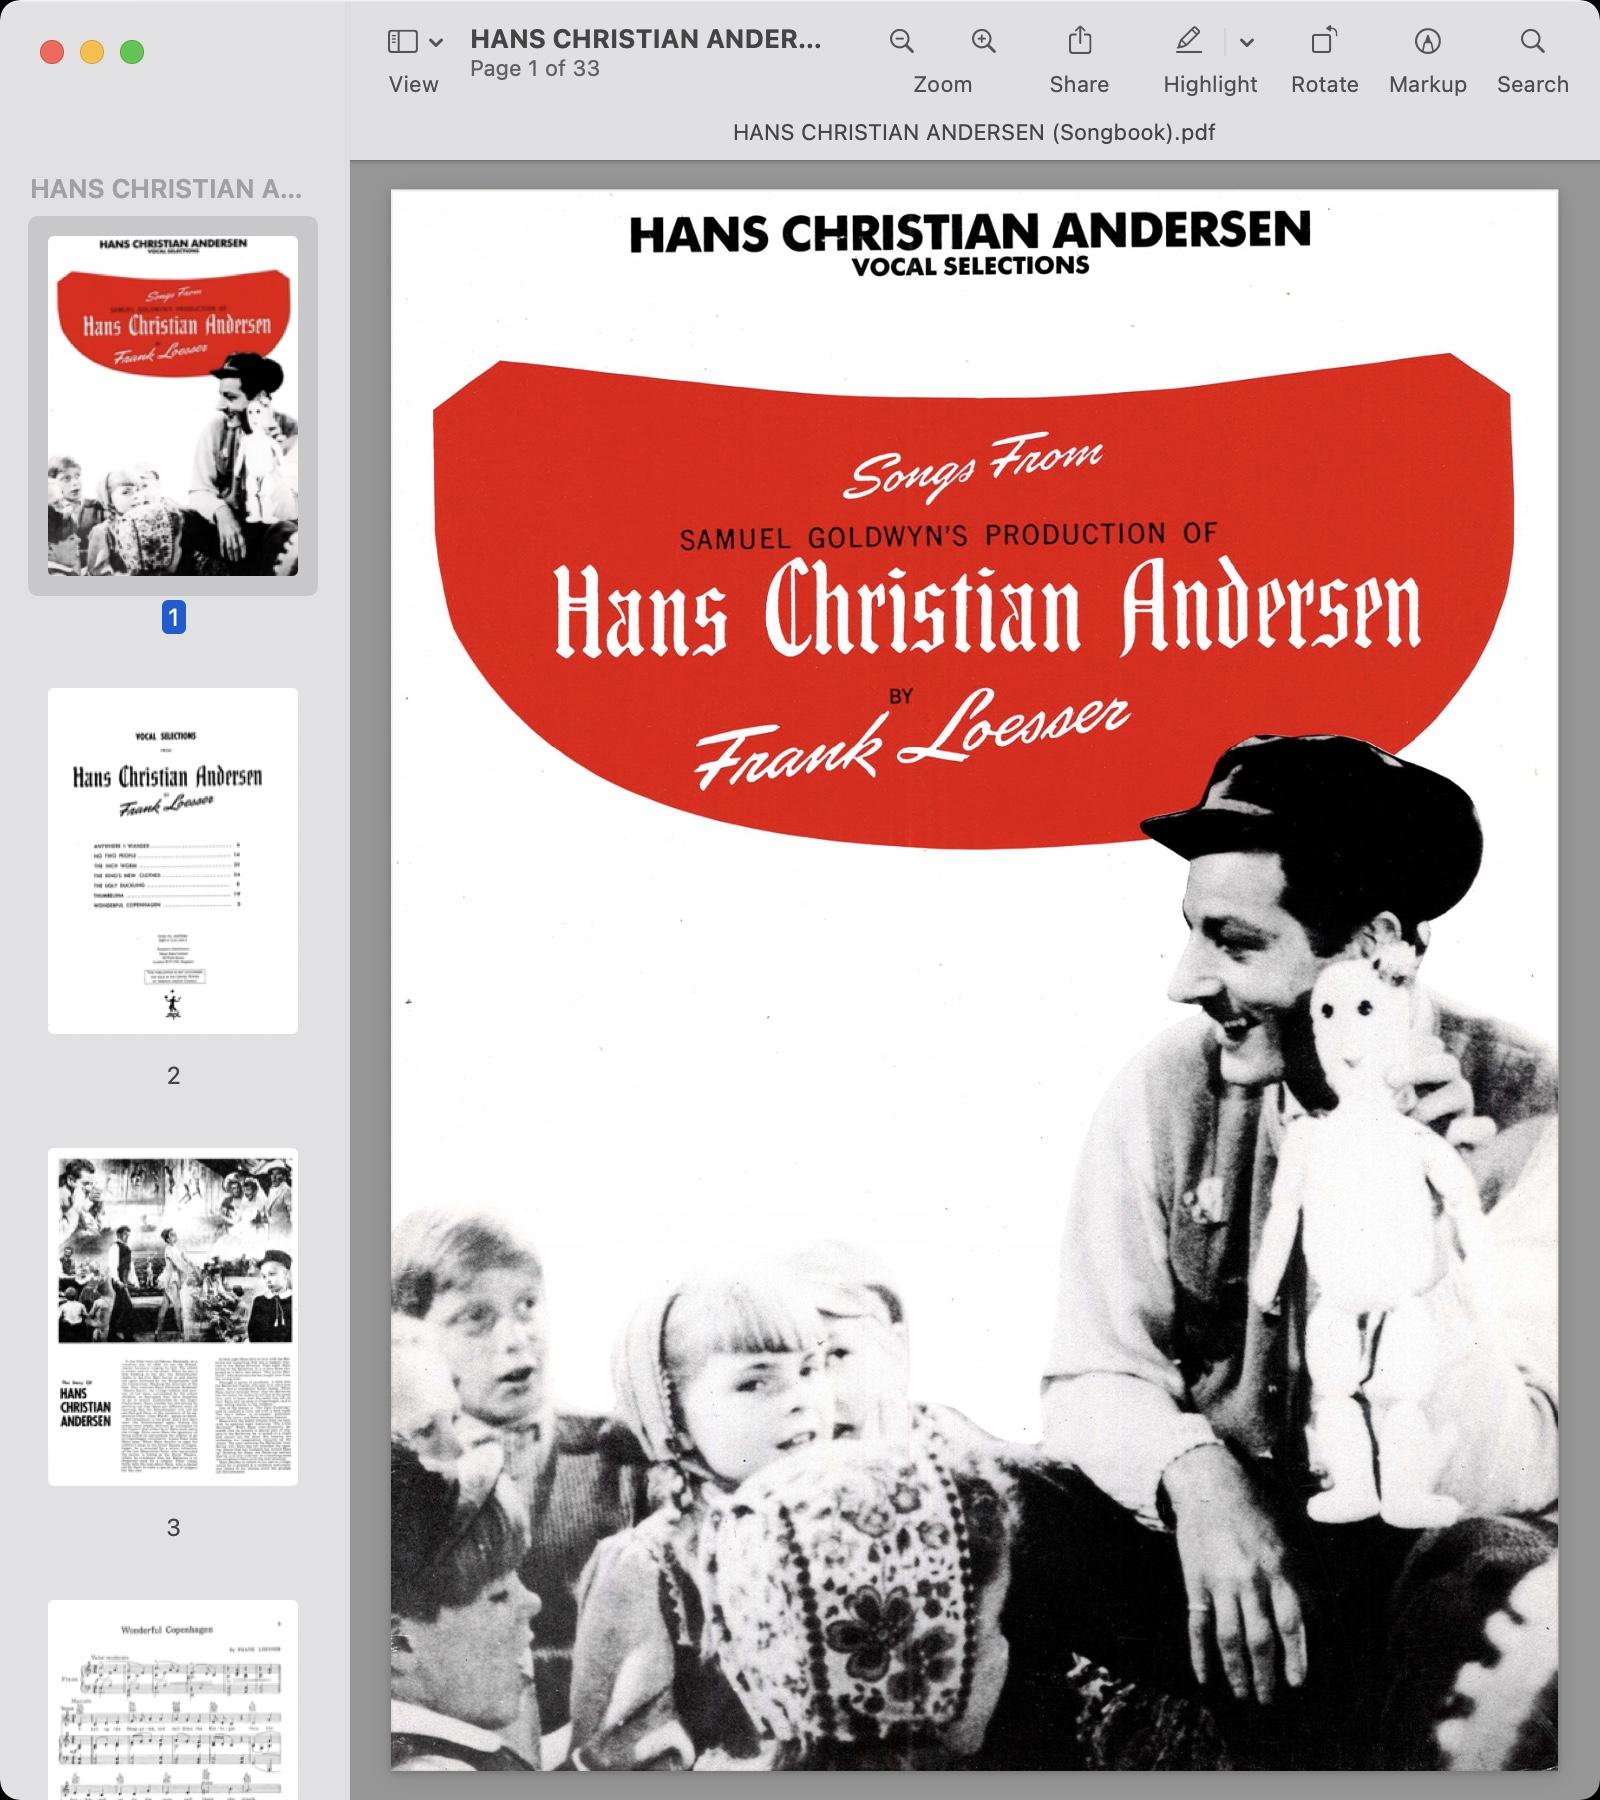 HANS CHRISTIAN ANDERSEN (Songbook).jpg